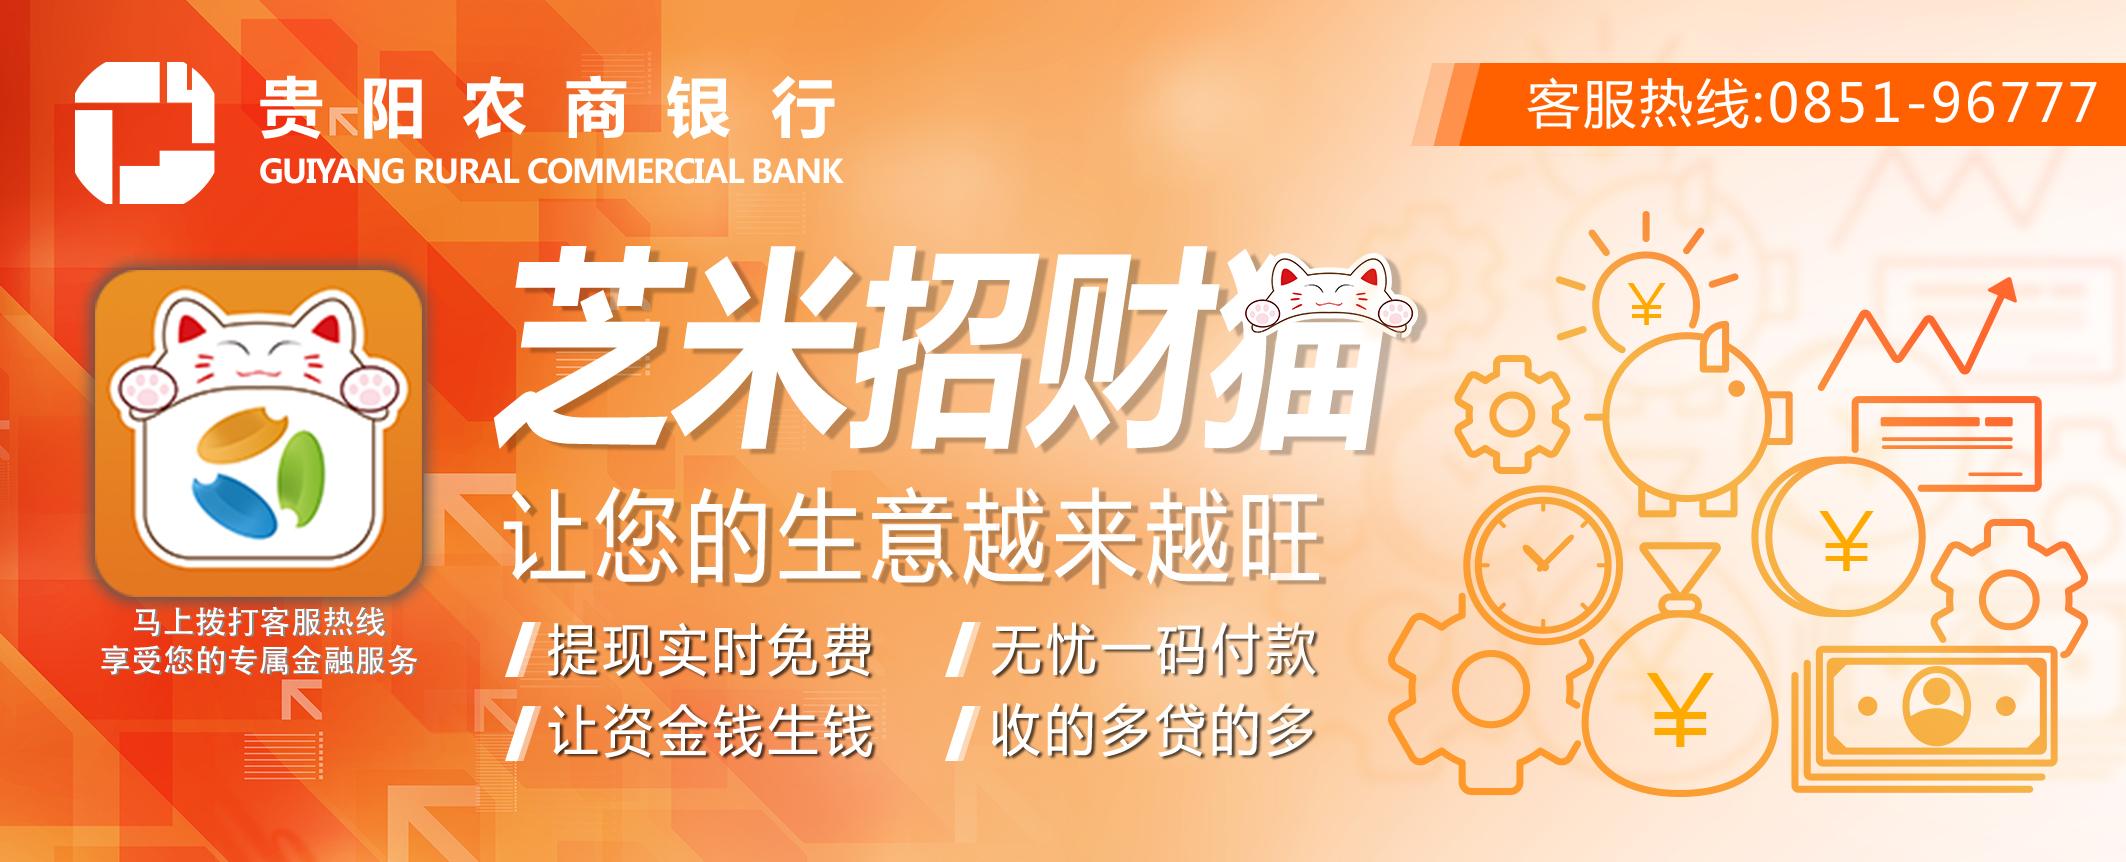 贵阳农商银行